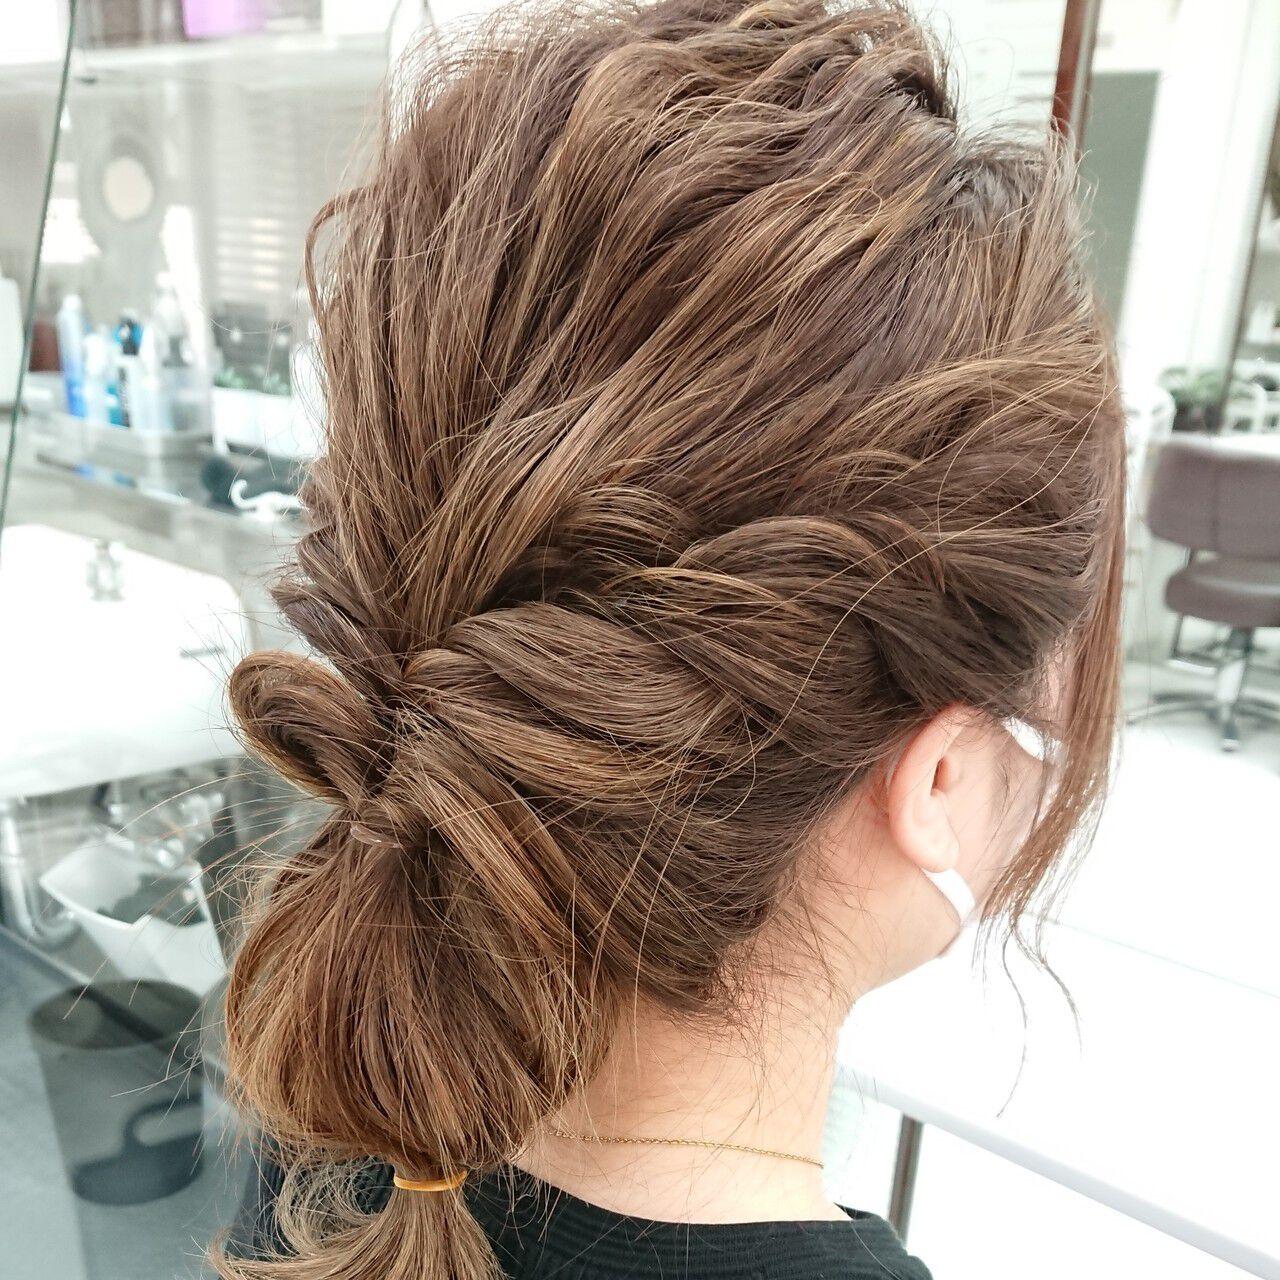 ねじり 伸ばしかけ ミディアム セルフヘアアレンジヘアスタイルや髪型の写真・画像